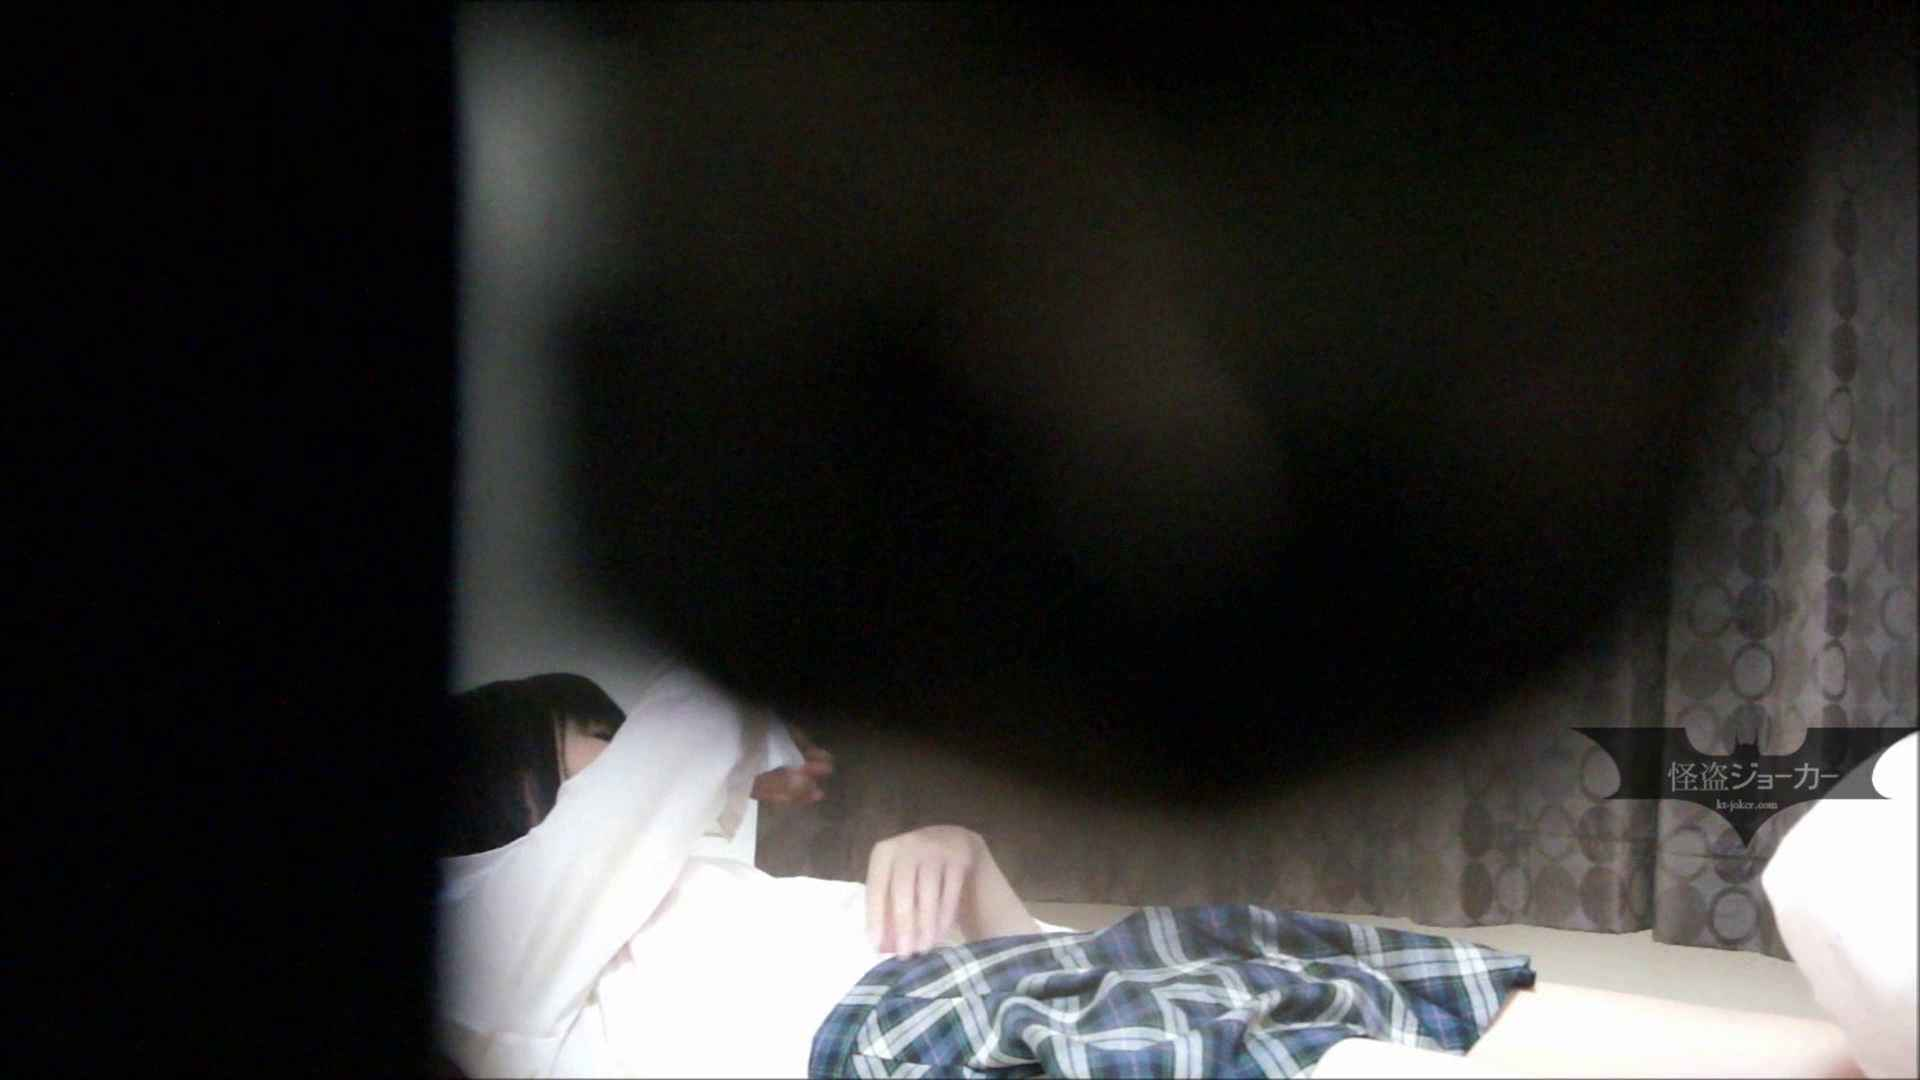 【未公開】vol.54【小春】脱衣所とオナニー隠し撮り 脱衣所   高画質  81画像 16